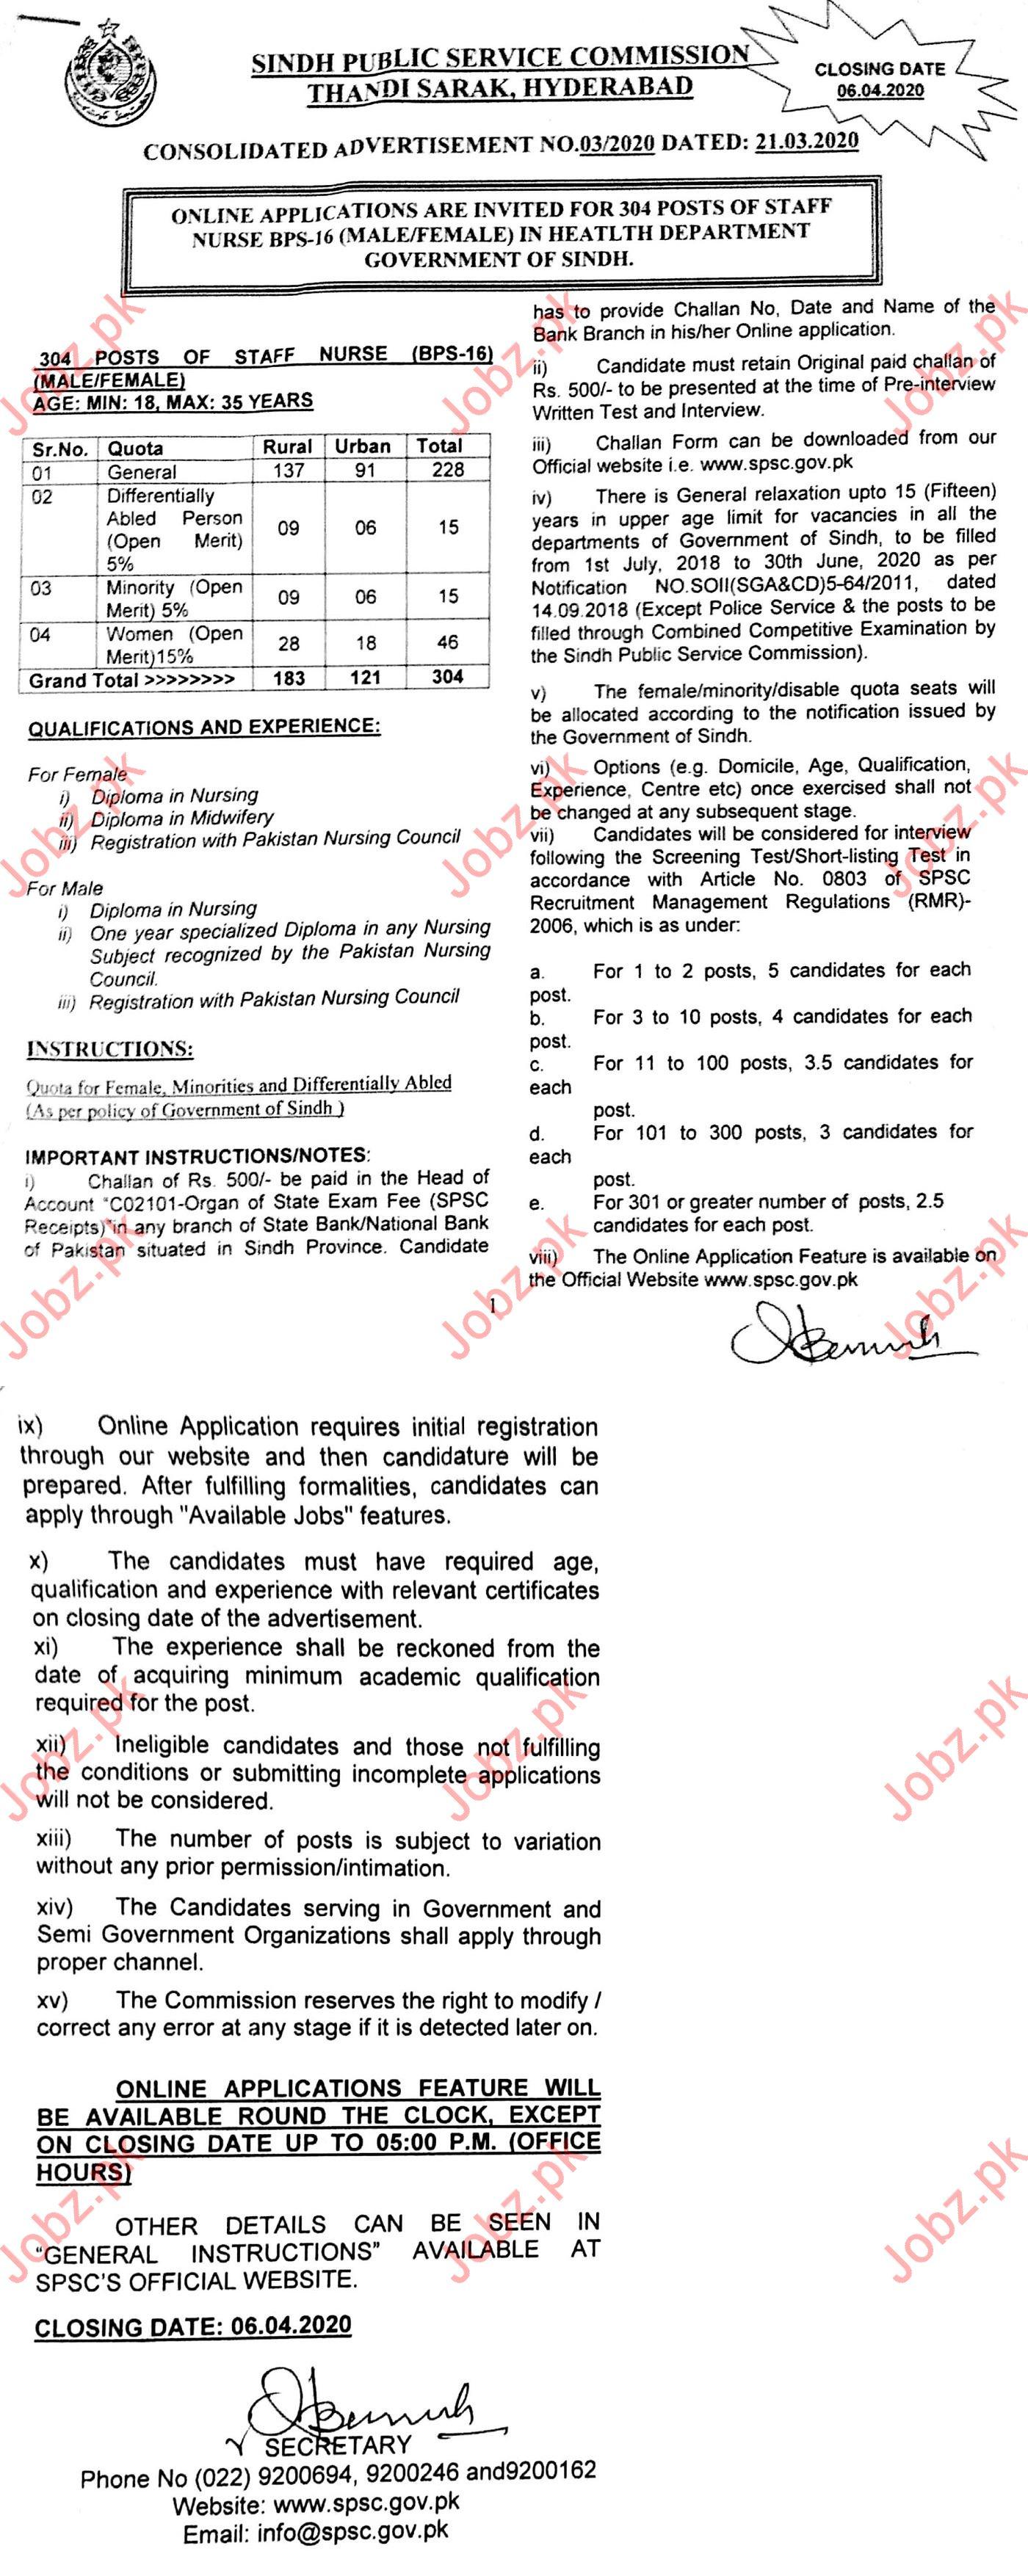 SPSC Sindh Public Service Commission Jobs 2020 Staff Nurse